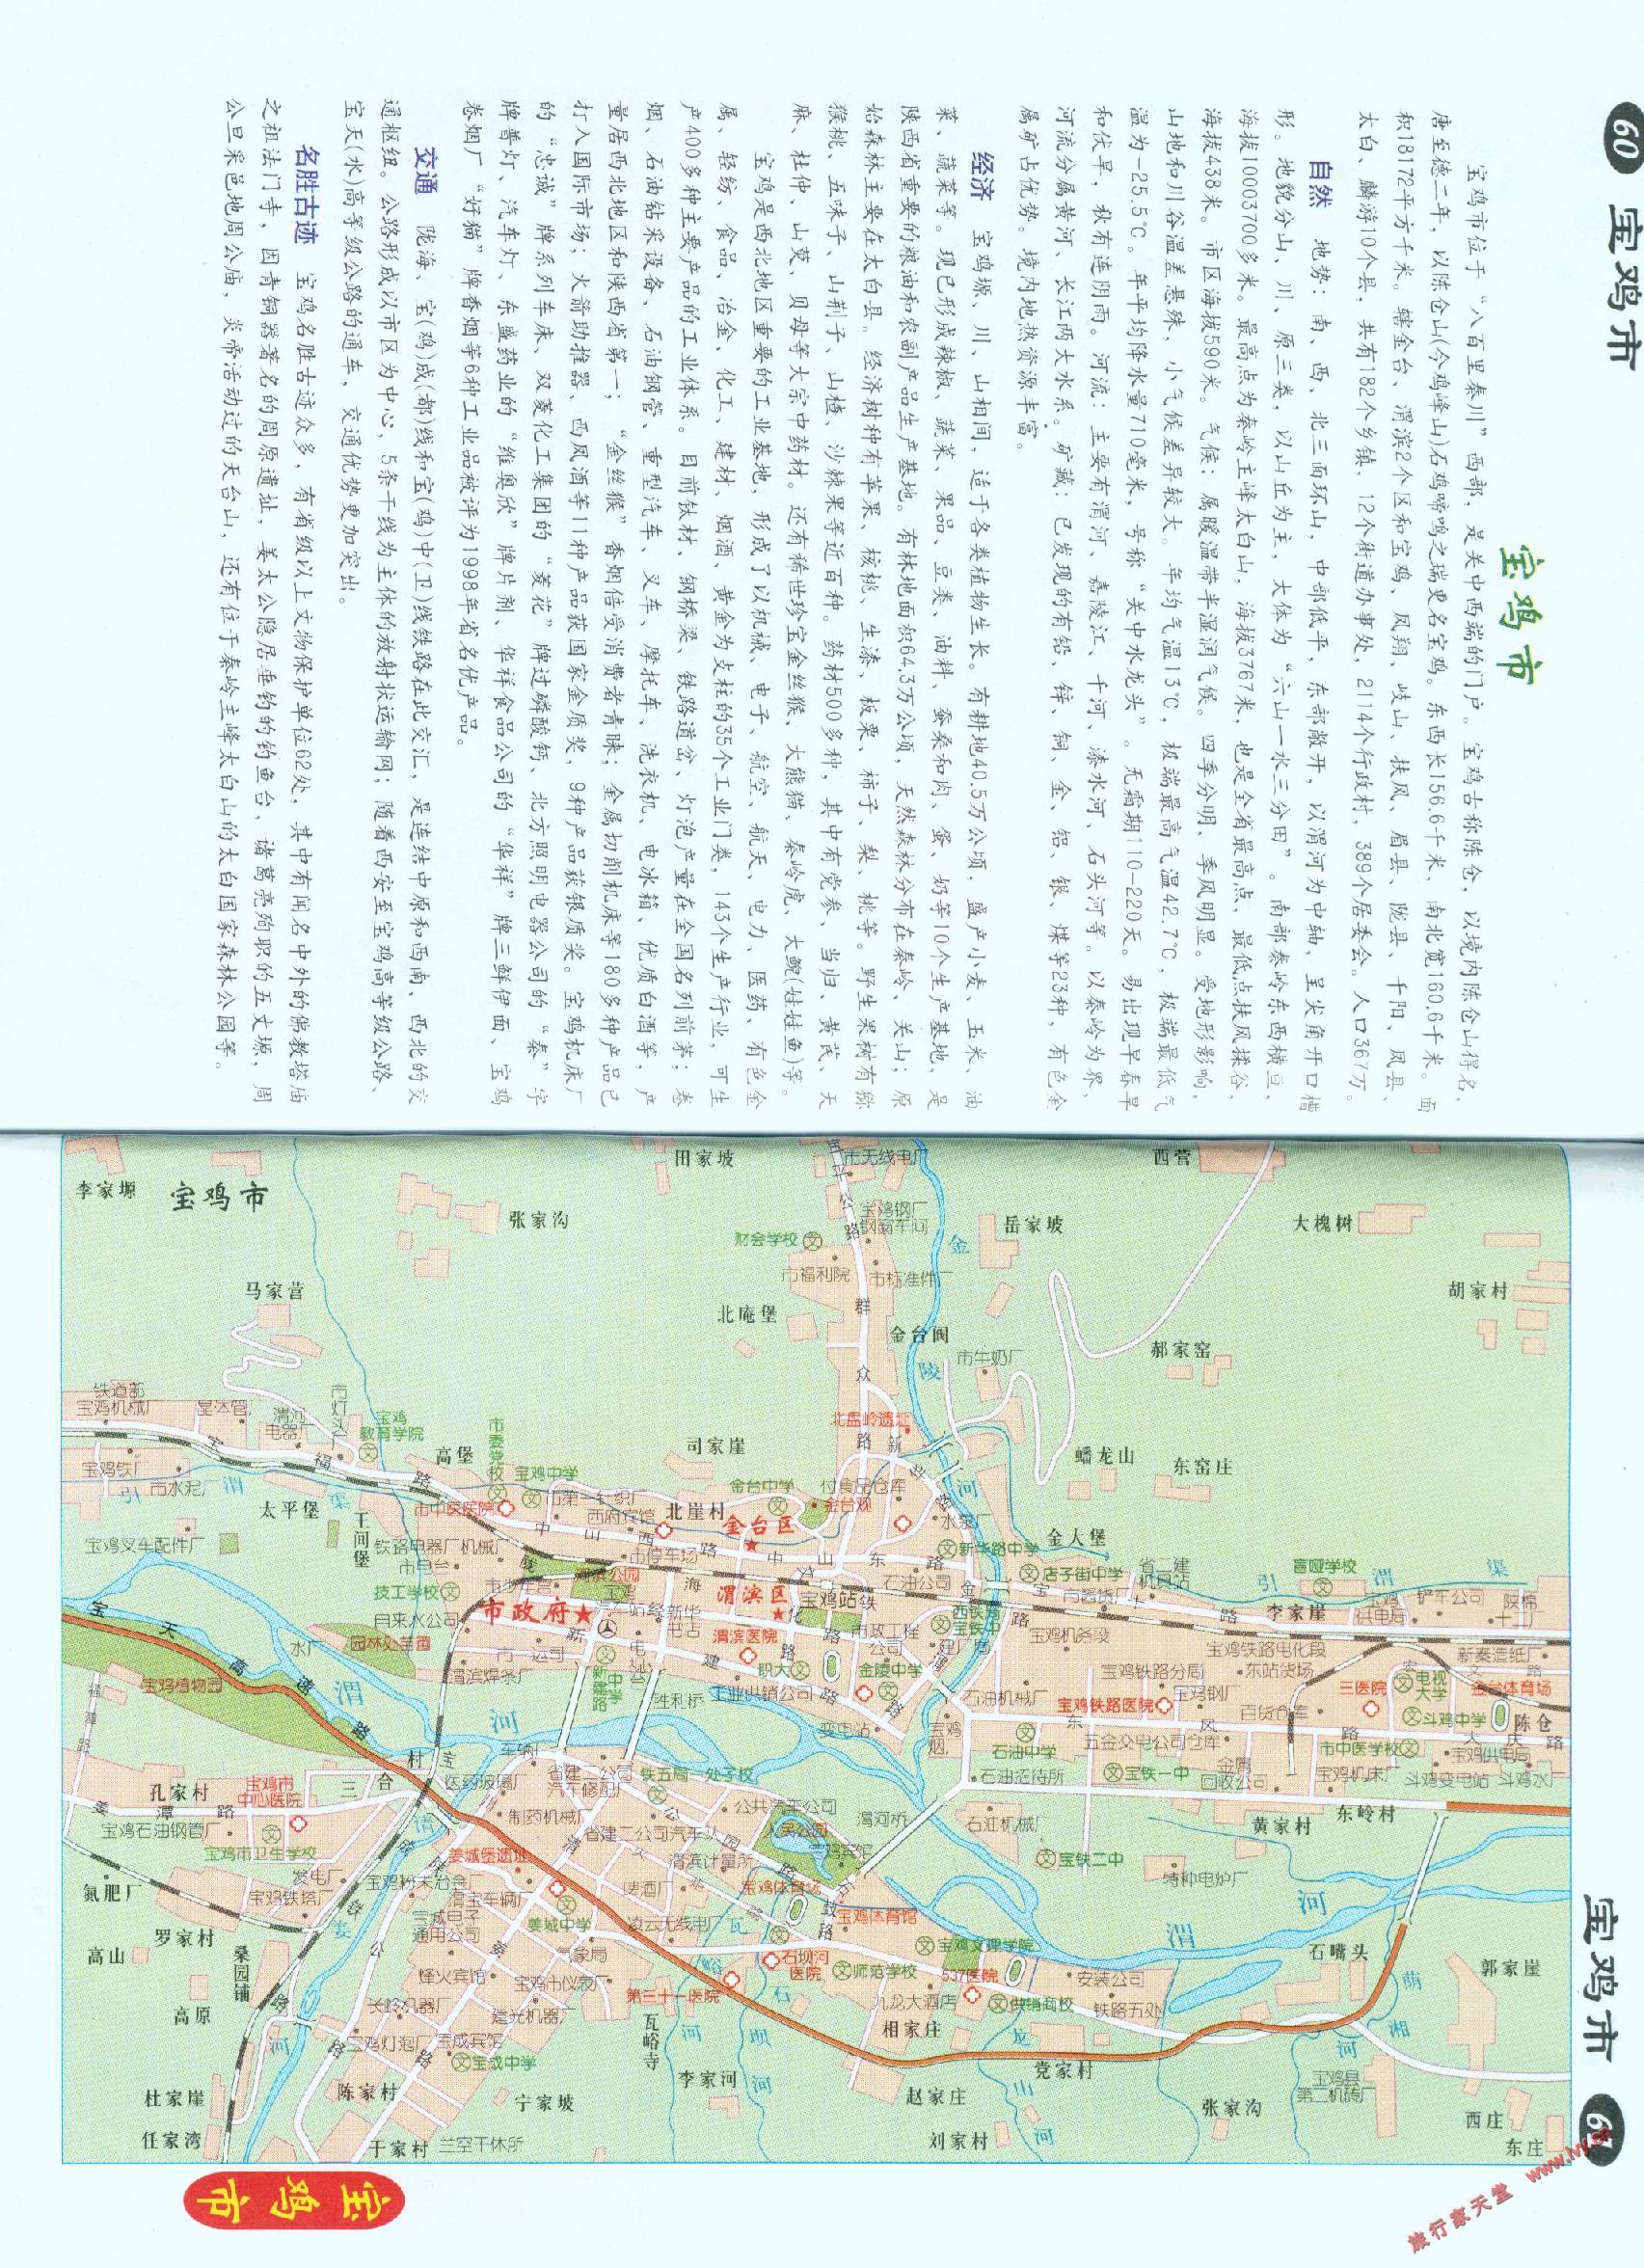 宝鸡市街区地图